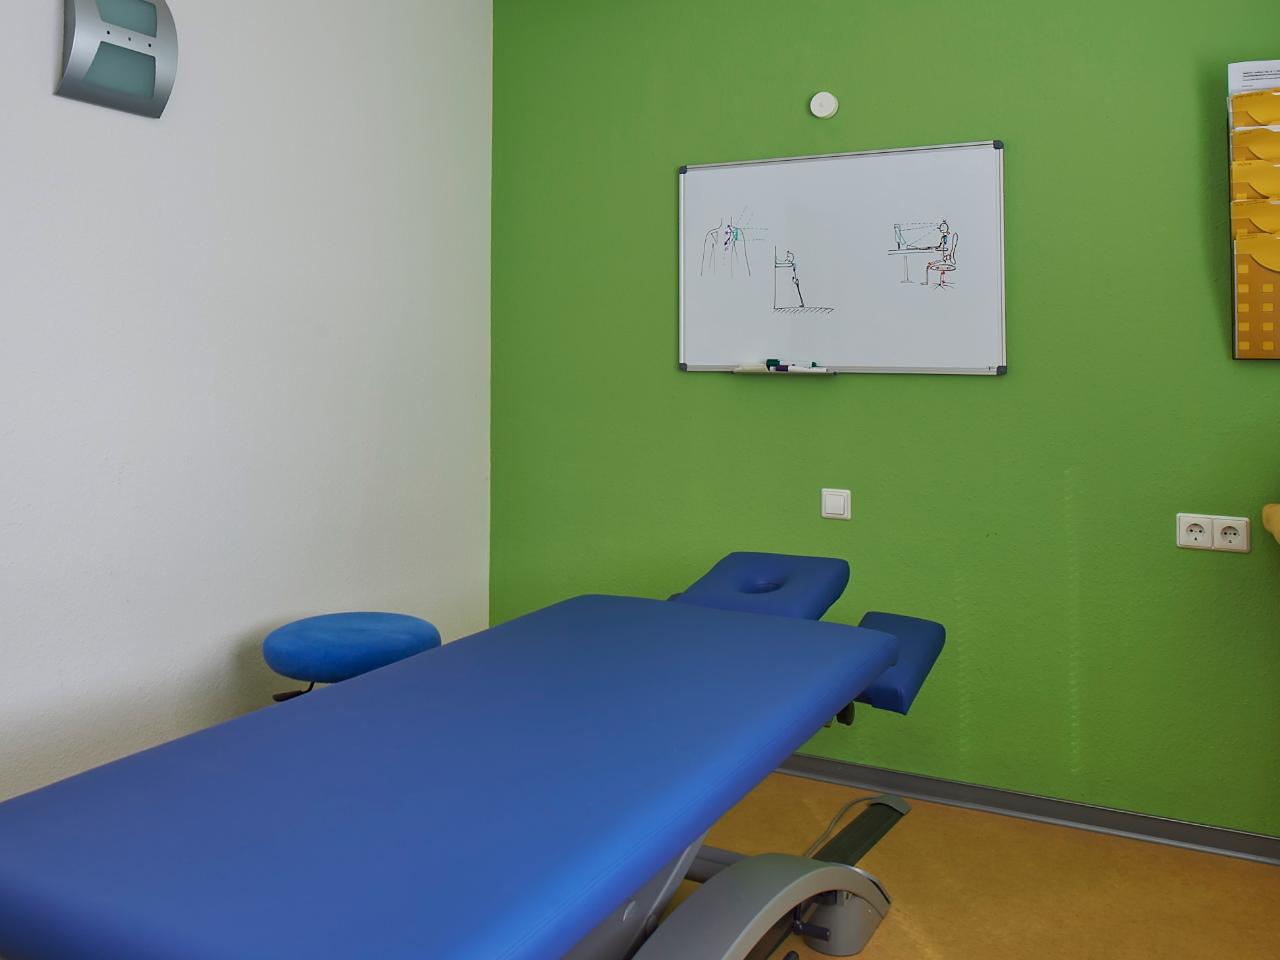 Behandlungsraum mit blauer Liege